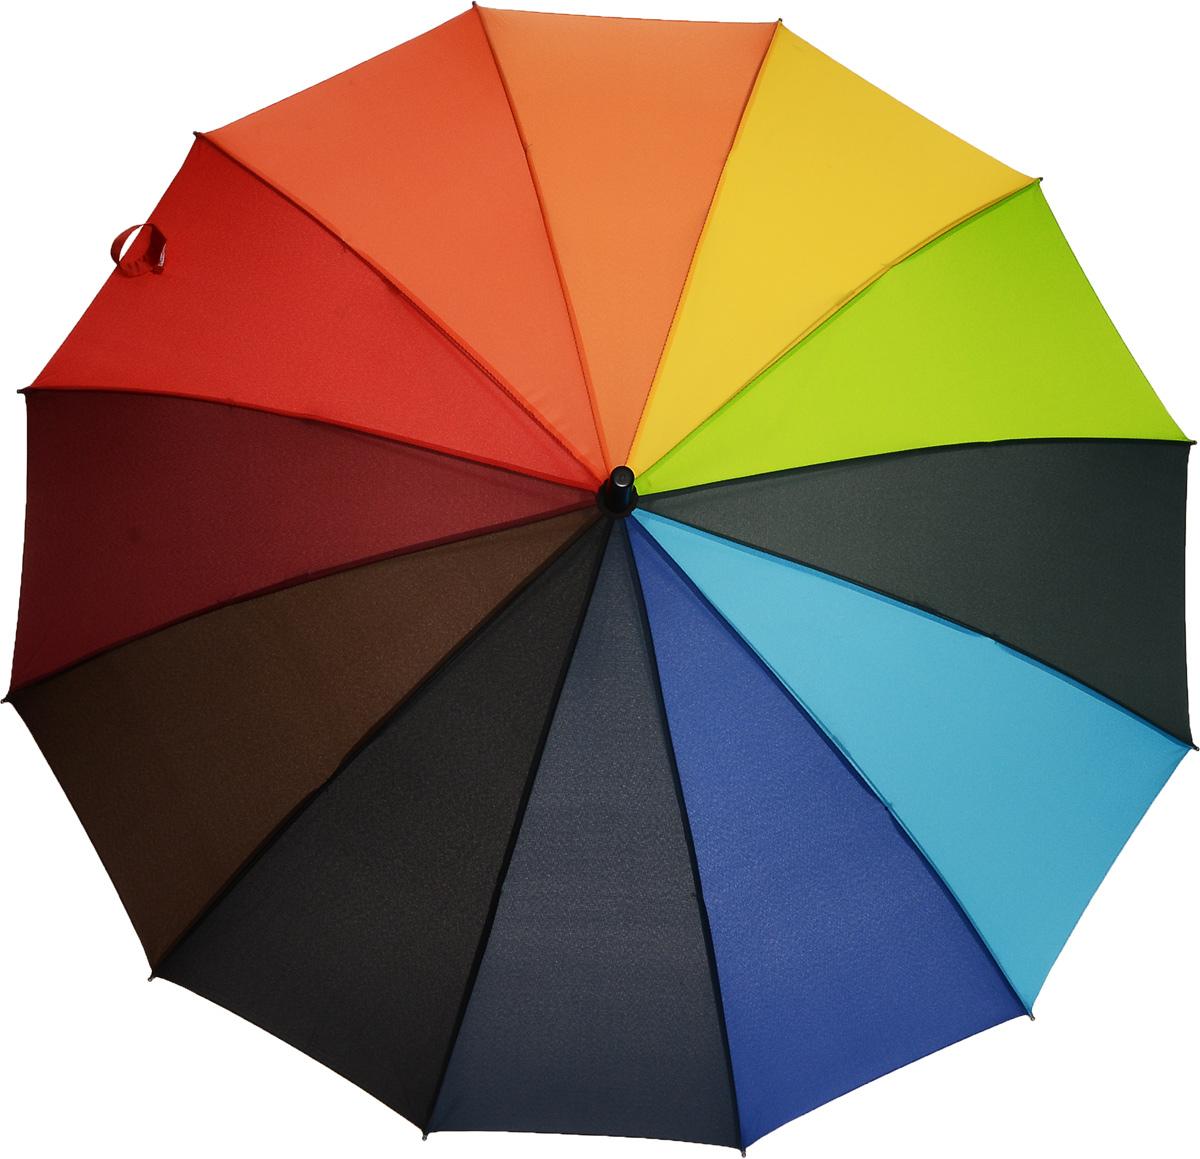 Зонт-трость женский Эврика Радуга, цвет: мультицвет. 9105091050Яркий полуавтоматический зонт-трость порадует своим оригинальным принтом даже в ненастную погоду. Купол зонта выполнен из полиэстера с водоотталкивающей пропиткой, каркас содержит 12 спиц и оснащен системой анти-ветер. Эргономичная рукоятка дополнена петлей для подвешивания. Практичный зонт Эврика выполнен для жизнерадостных и активных людей!